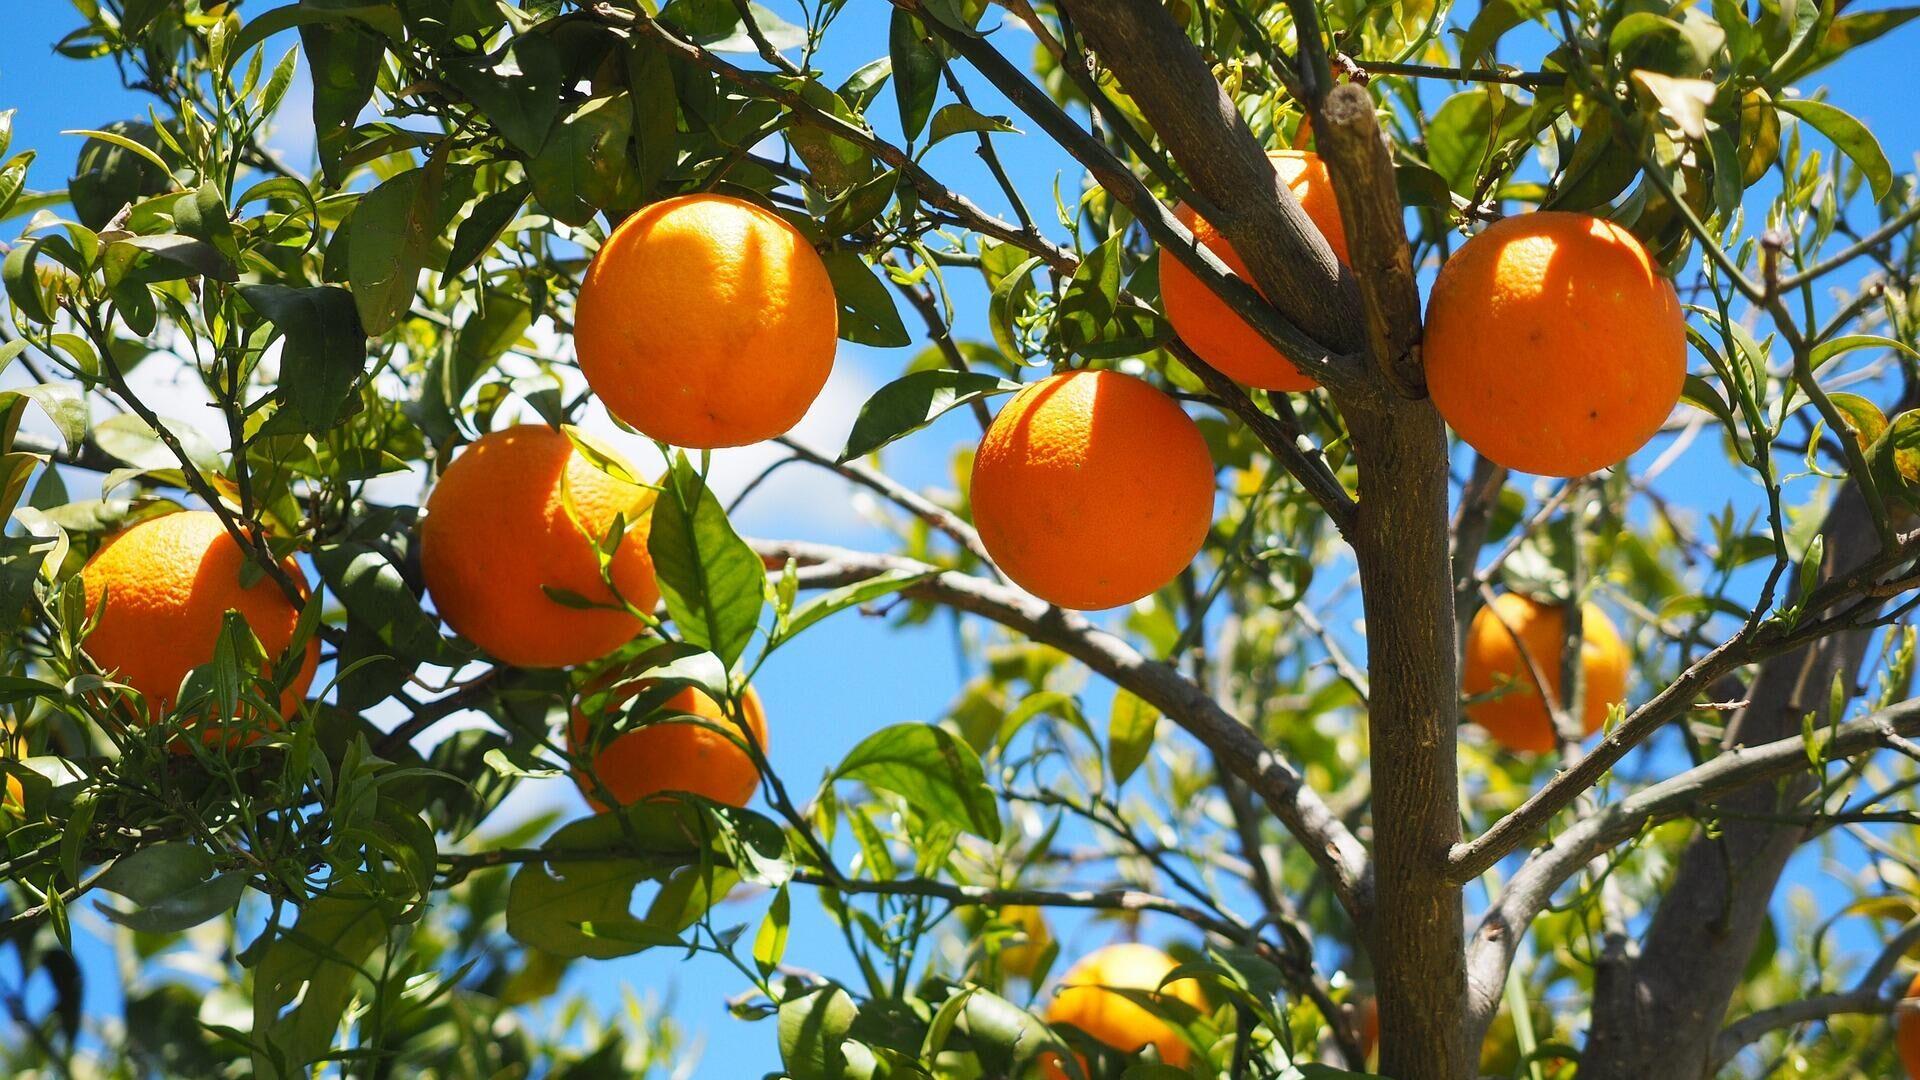 Naranjas - Sputnik Mundo, 1920, 06.03.2021